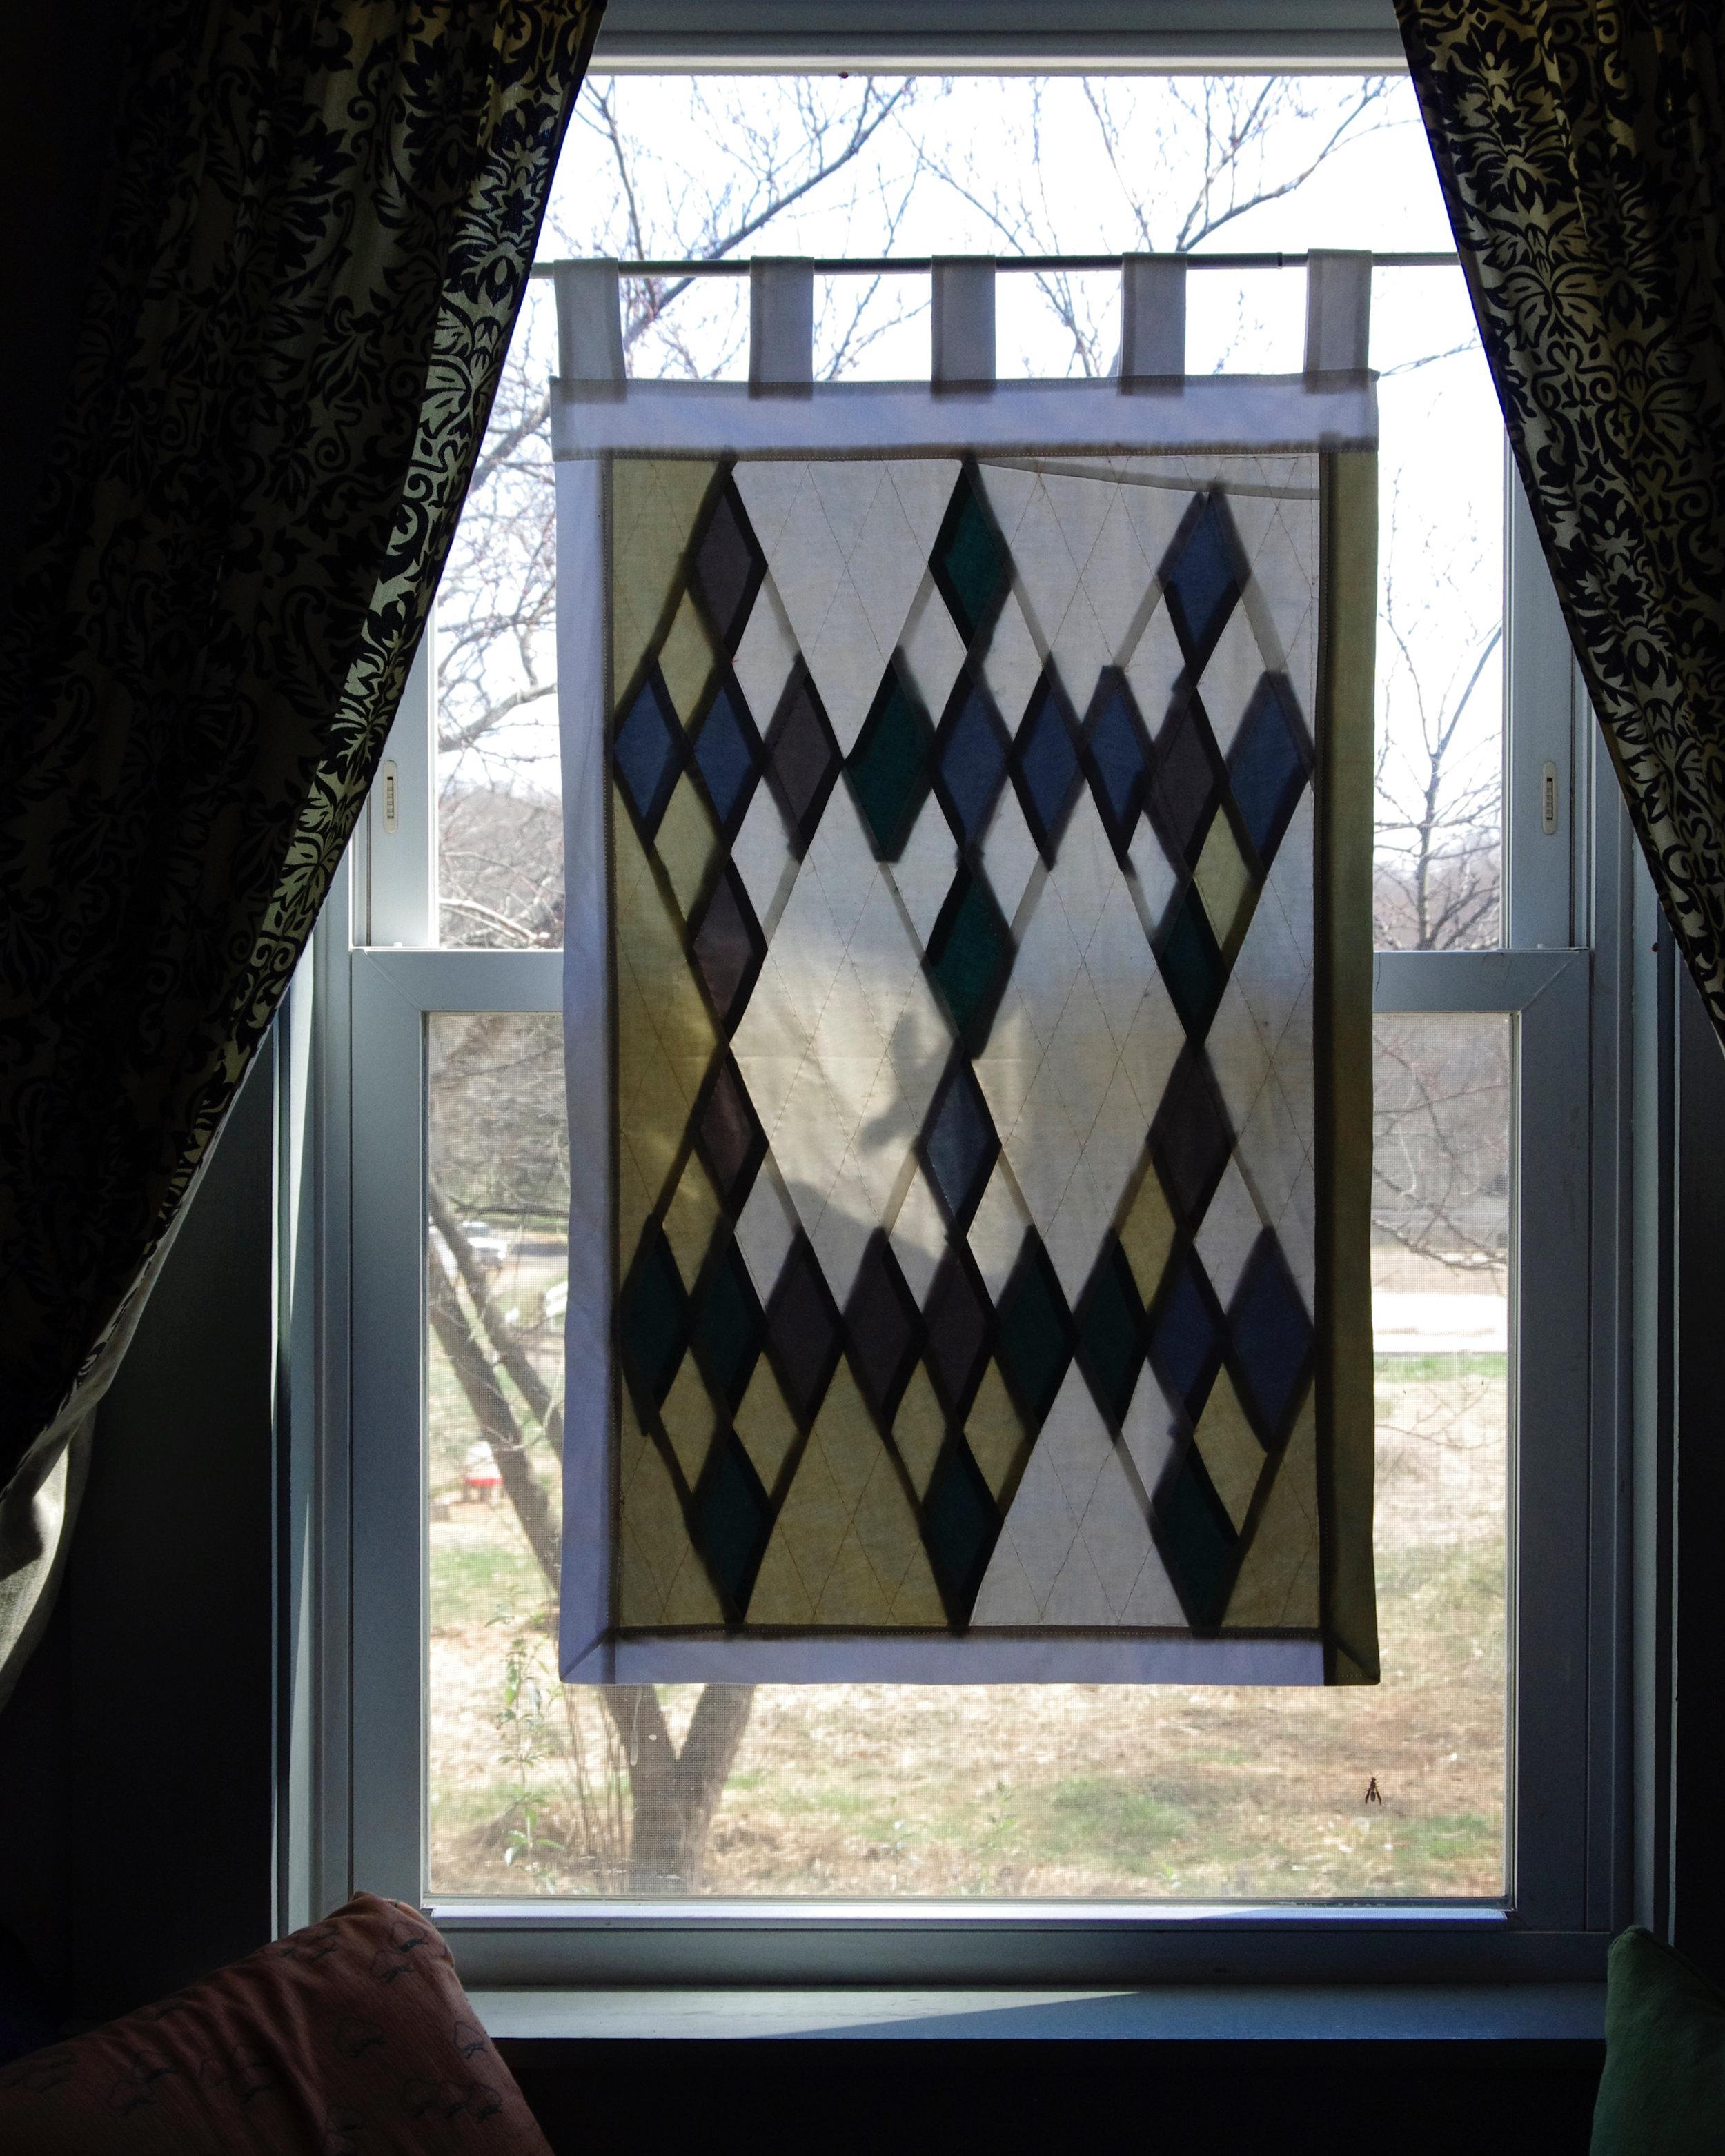 WINDOW QUILT, NO. 1 - $140